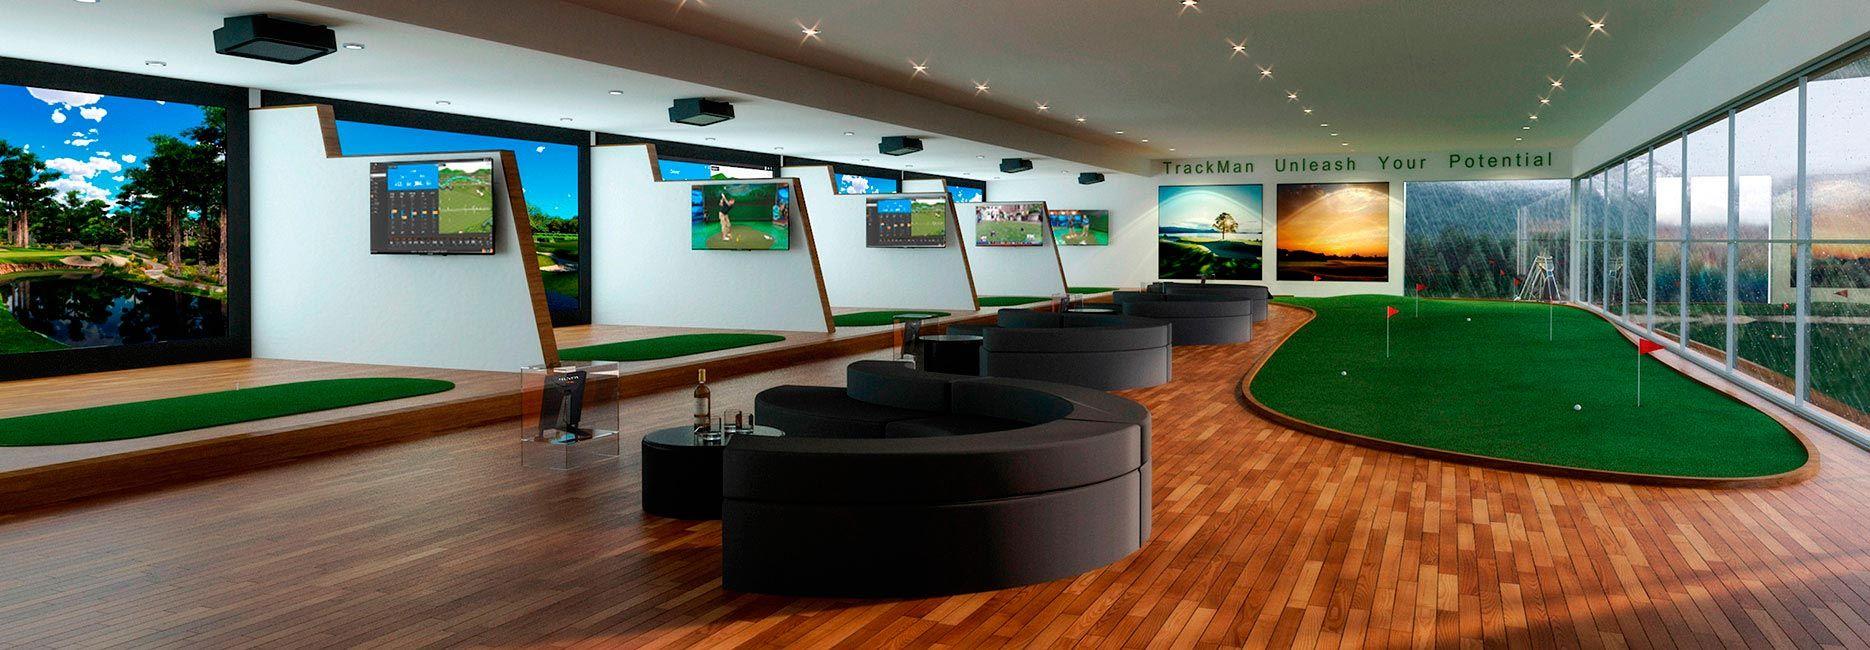 Pin by Courtney Jones on Indoor Golf Indoor golf